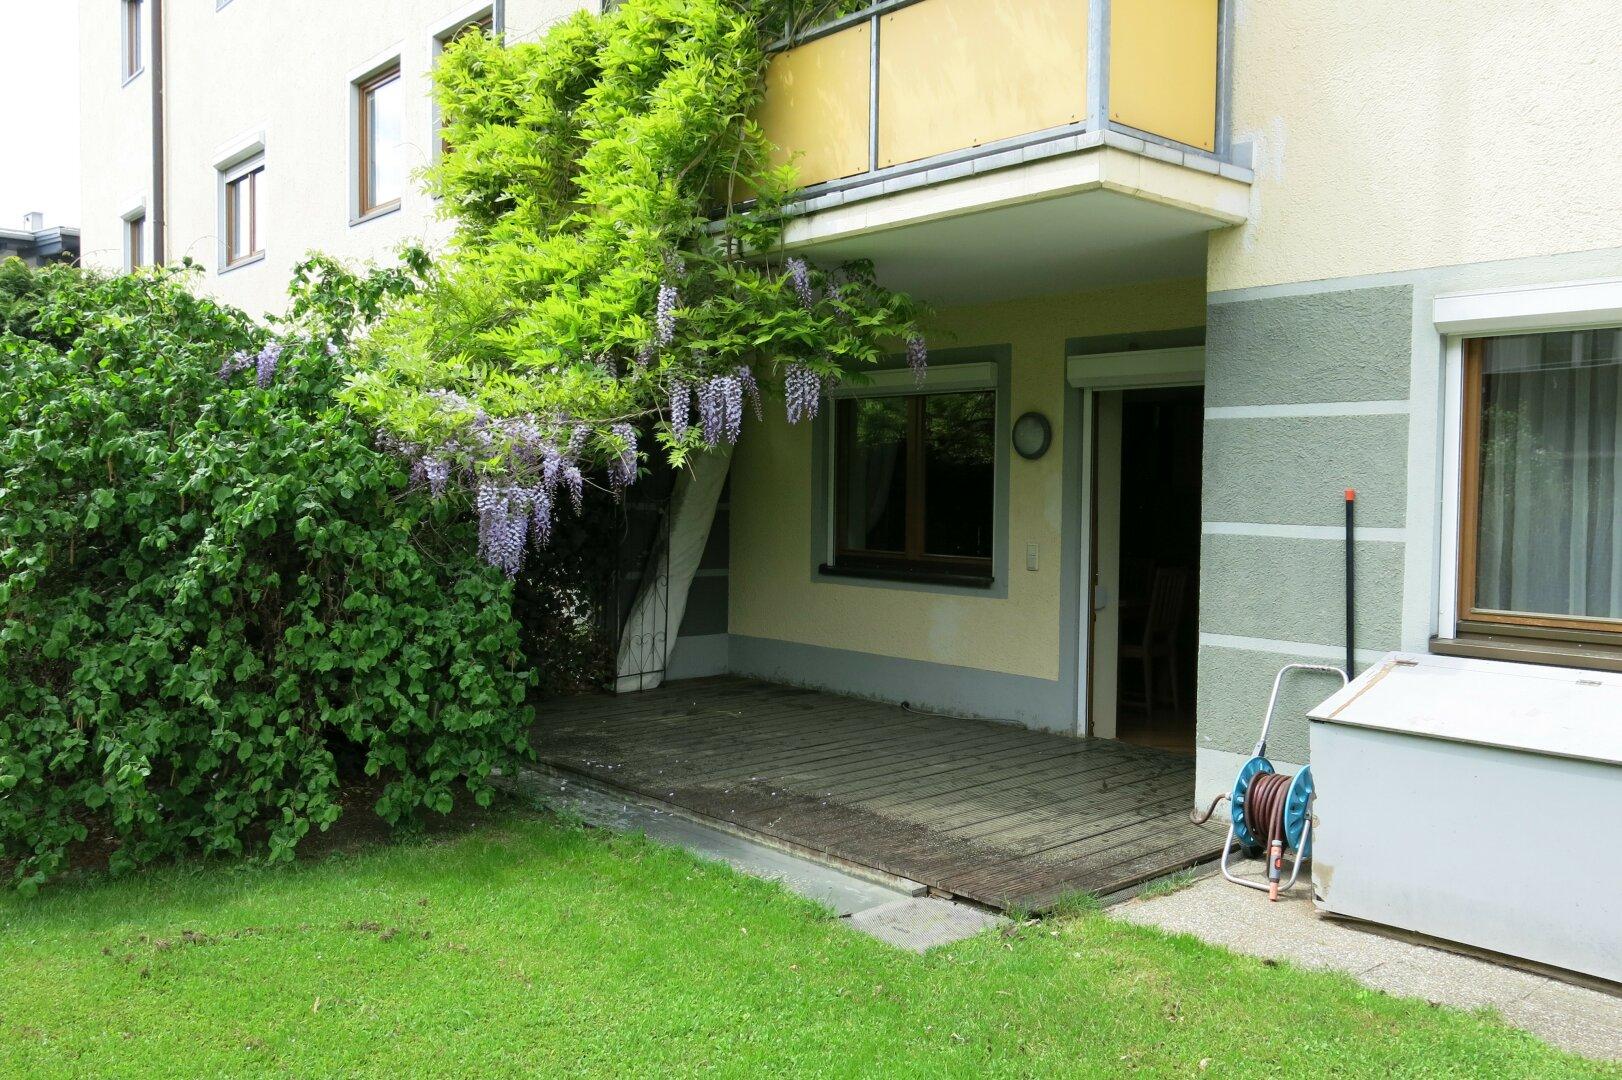 Terrasse und Garten, 3-Zimmer Mietwohnung Kufstein